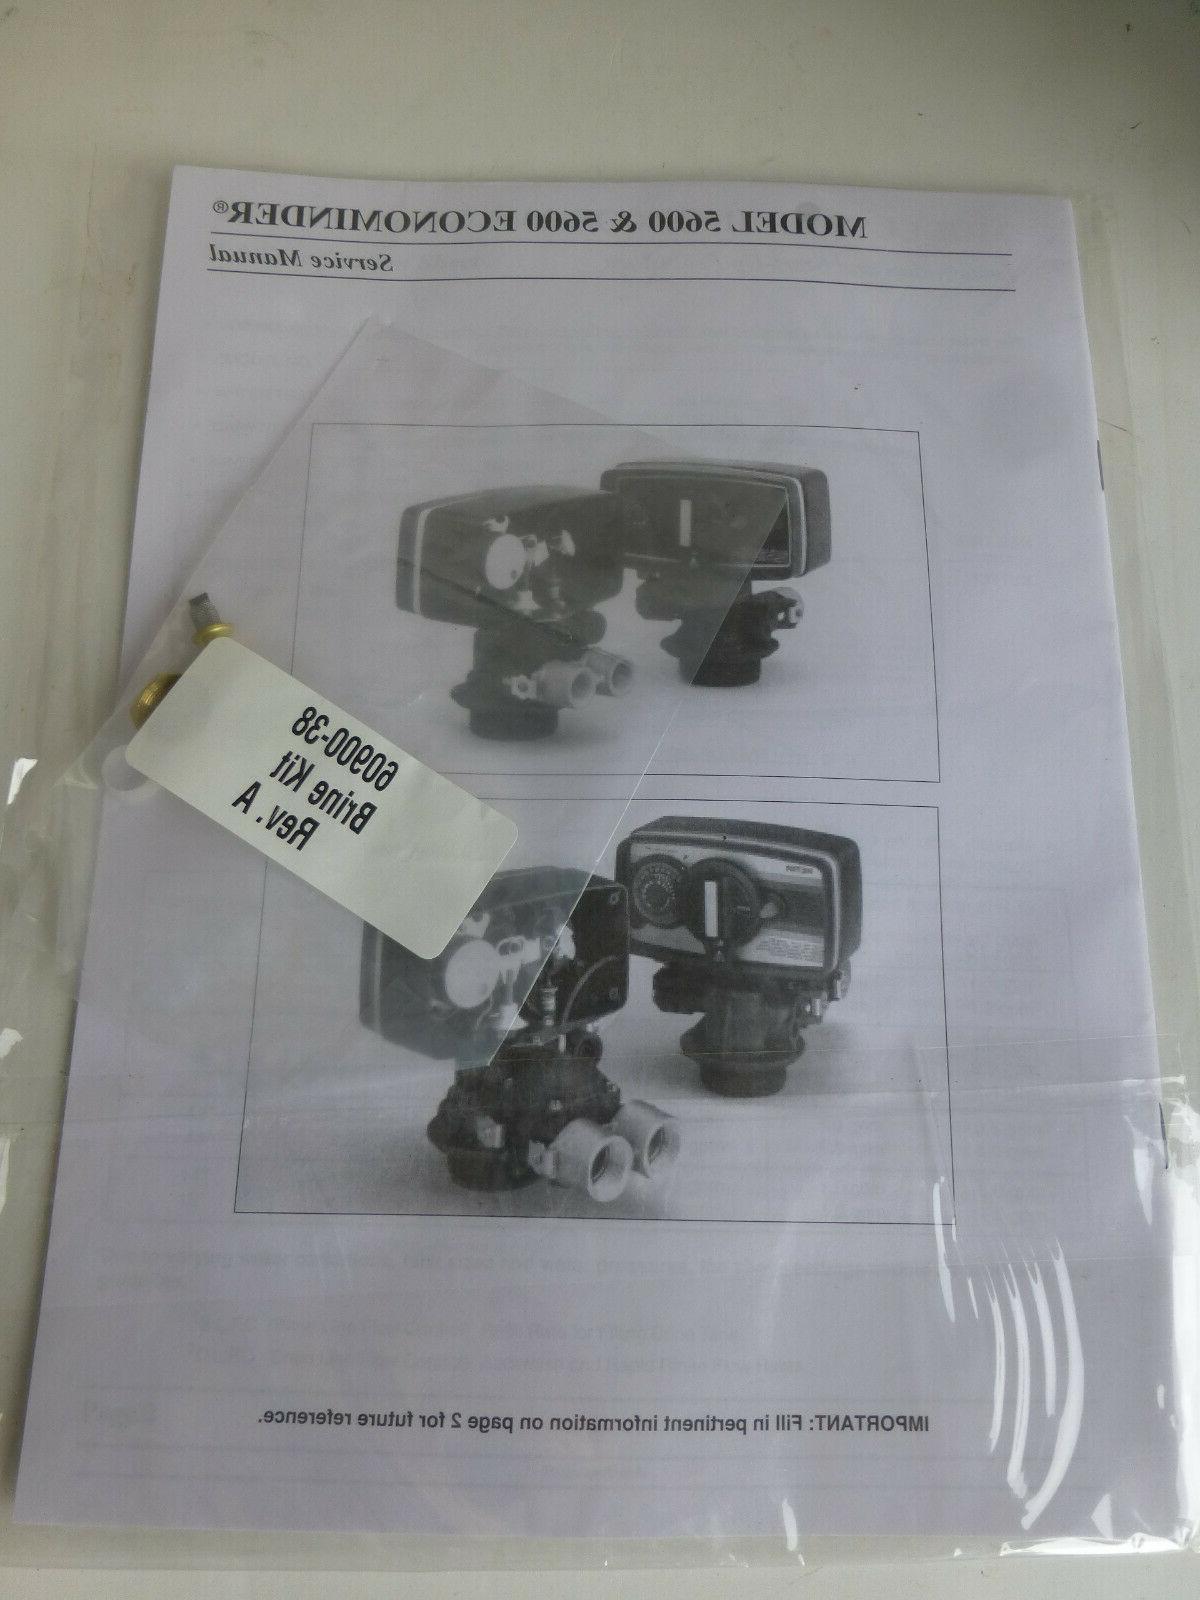 Model kit & manual 60900-38 water